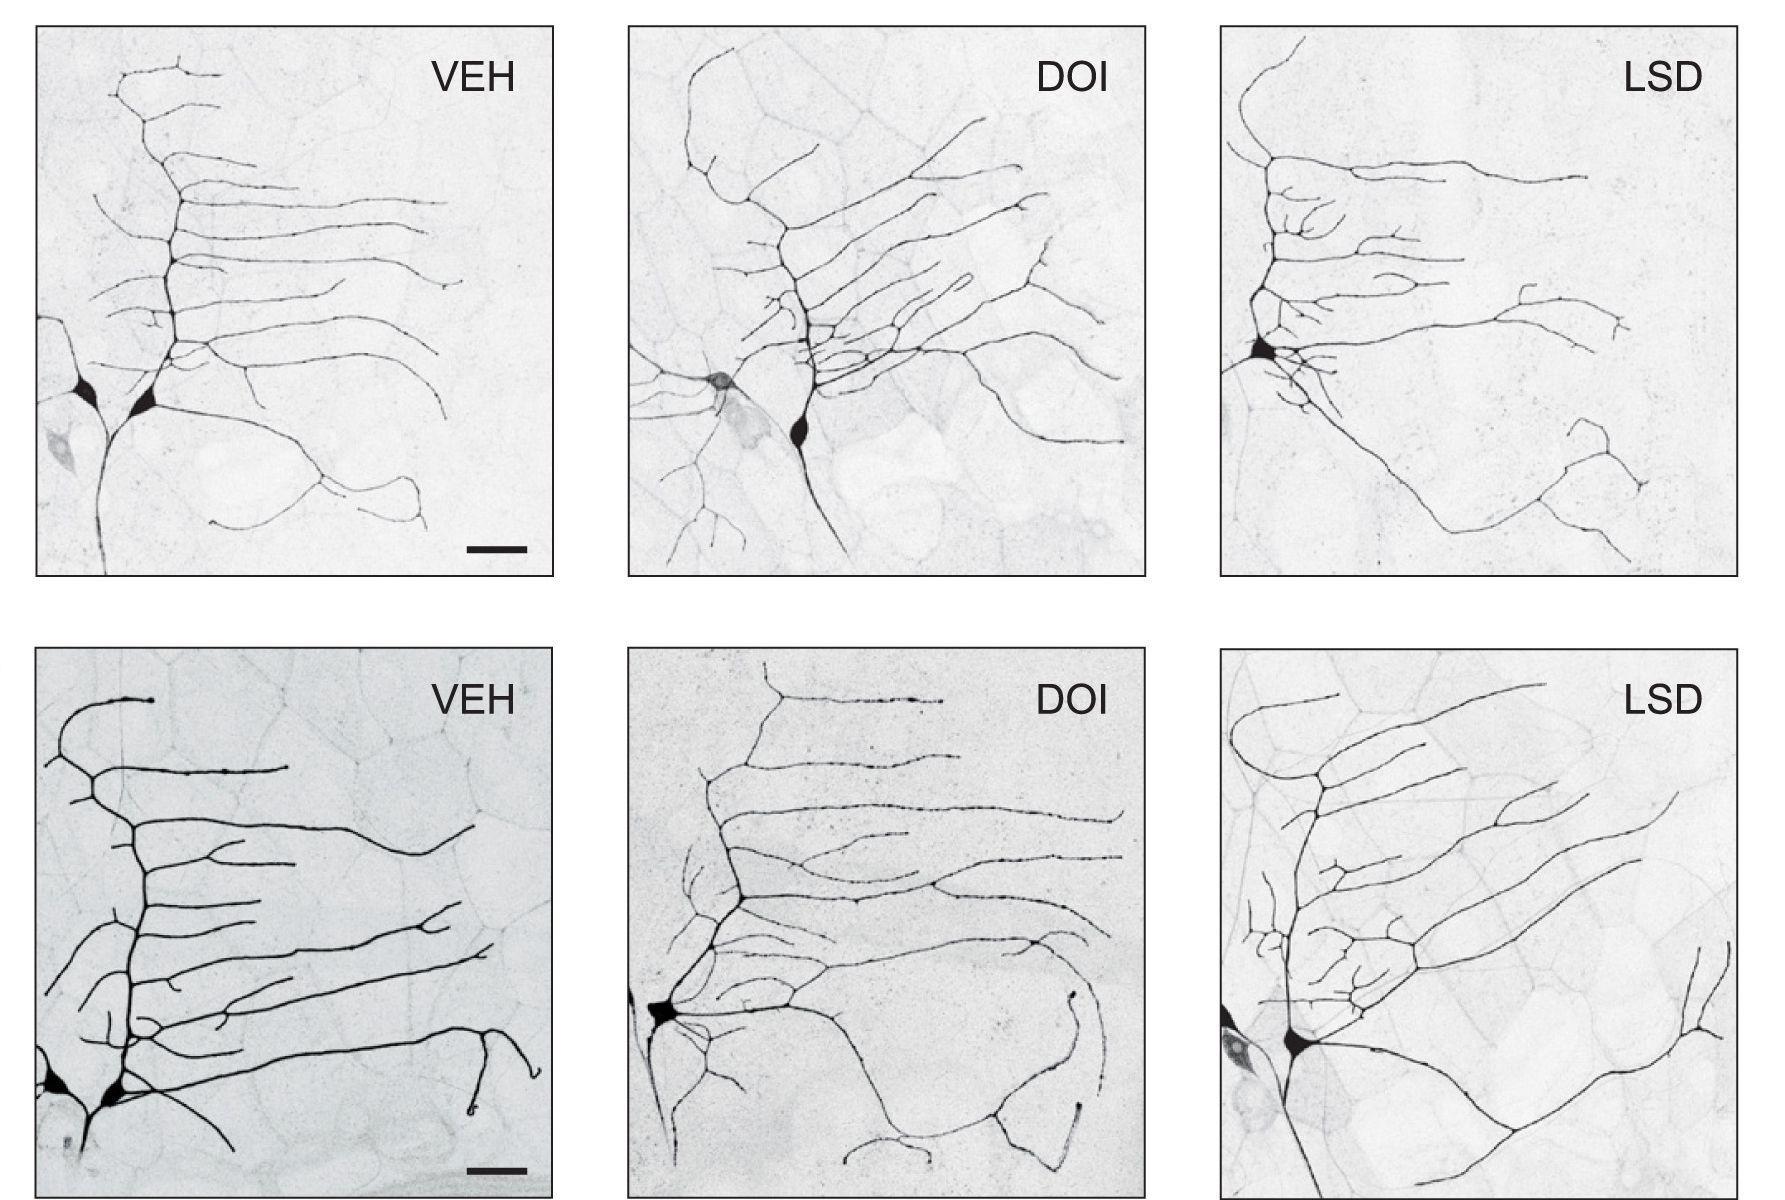 Психоделики помогли нейронам вырасти длинными и ветвистыми